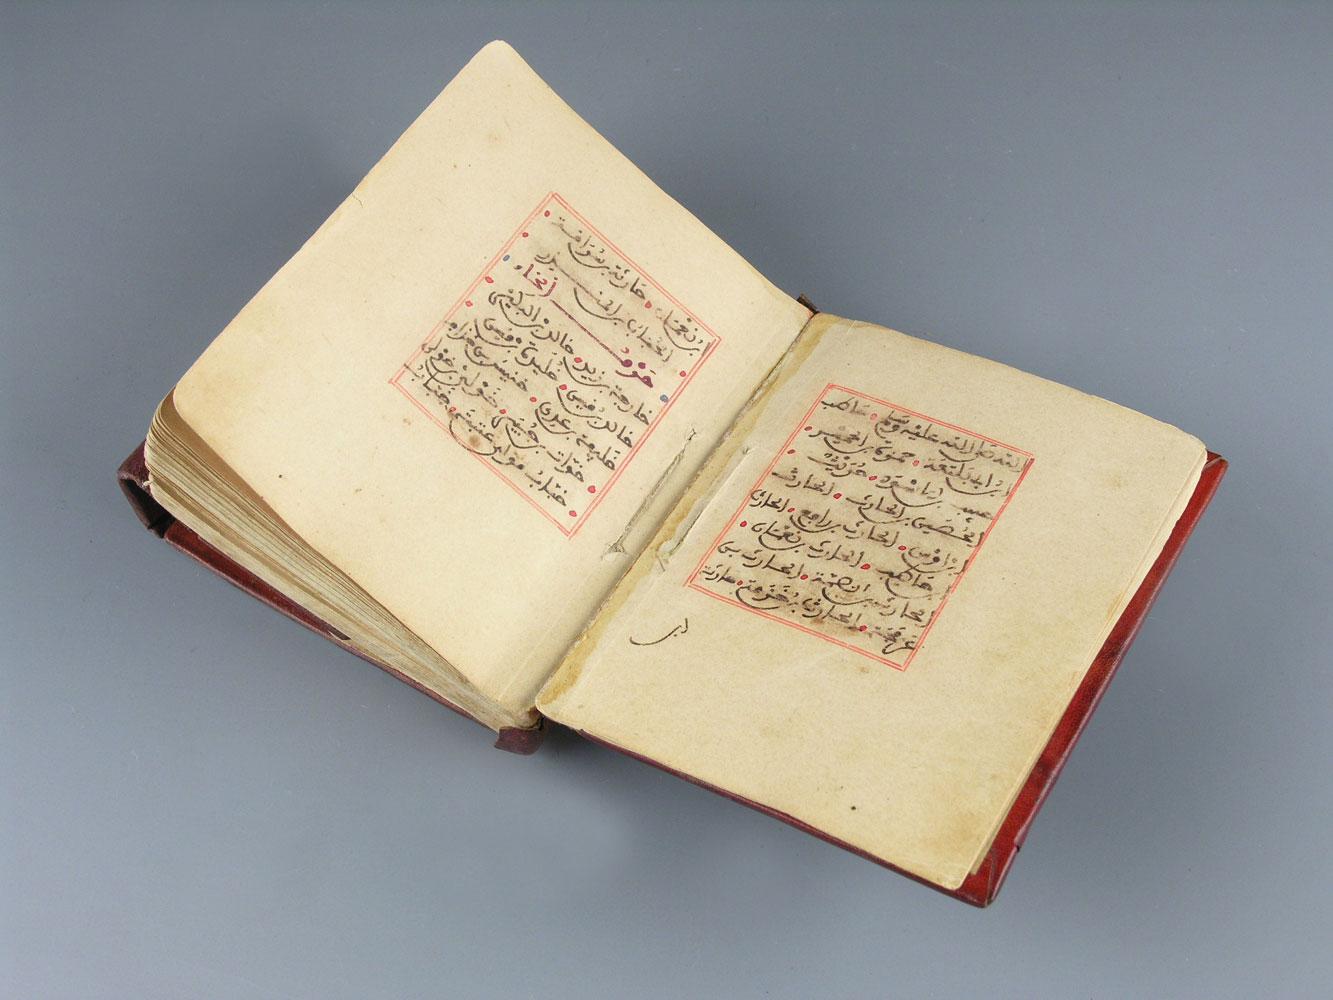 Maghrebinische Handschrift ( Aijam al-Arab)